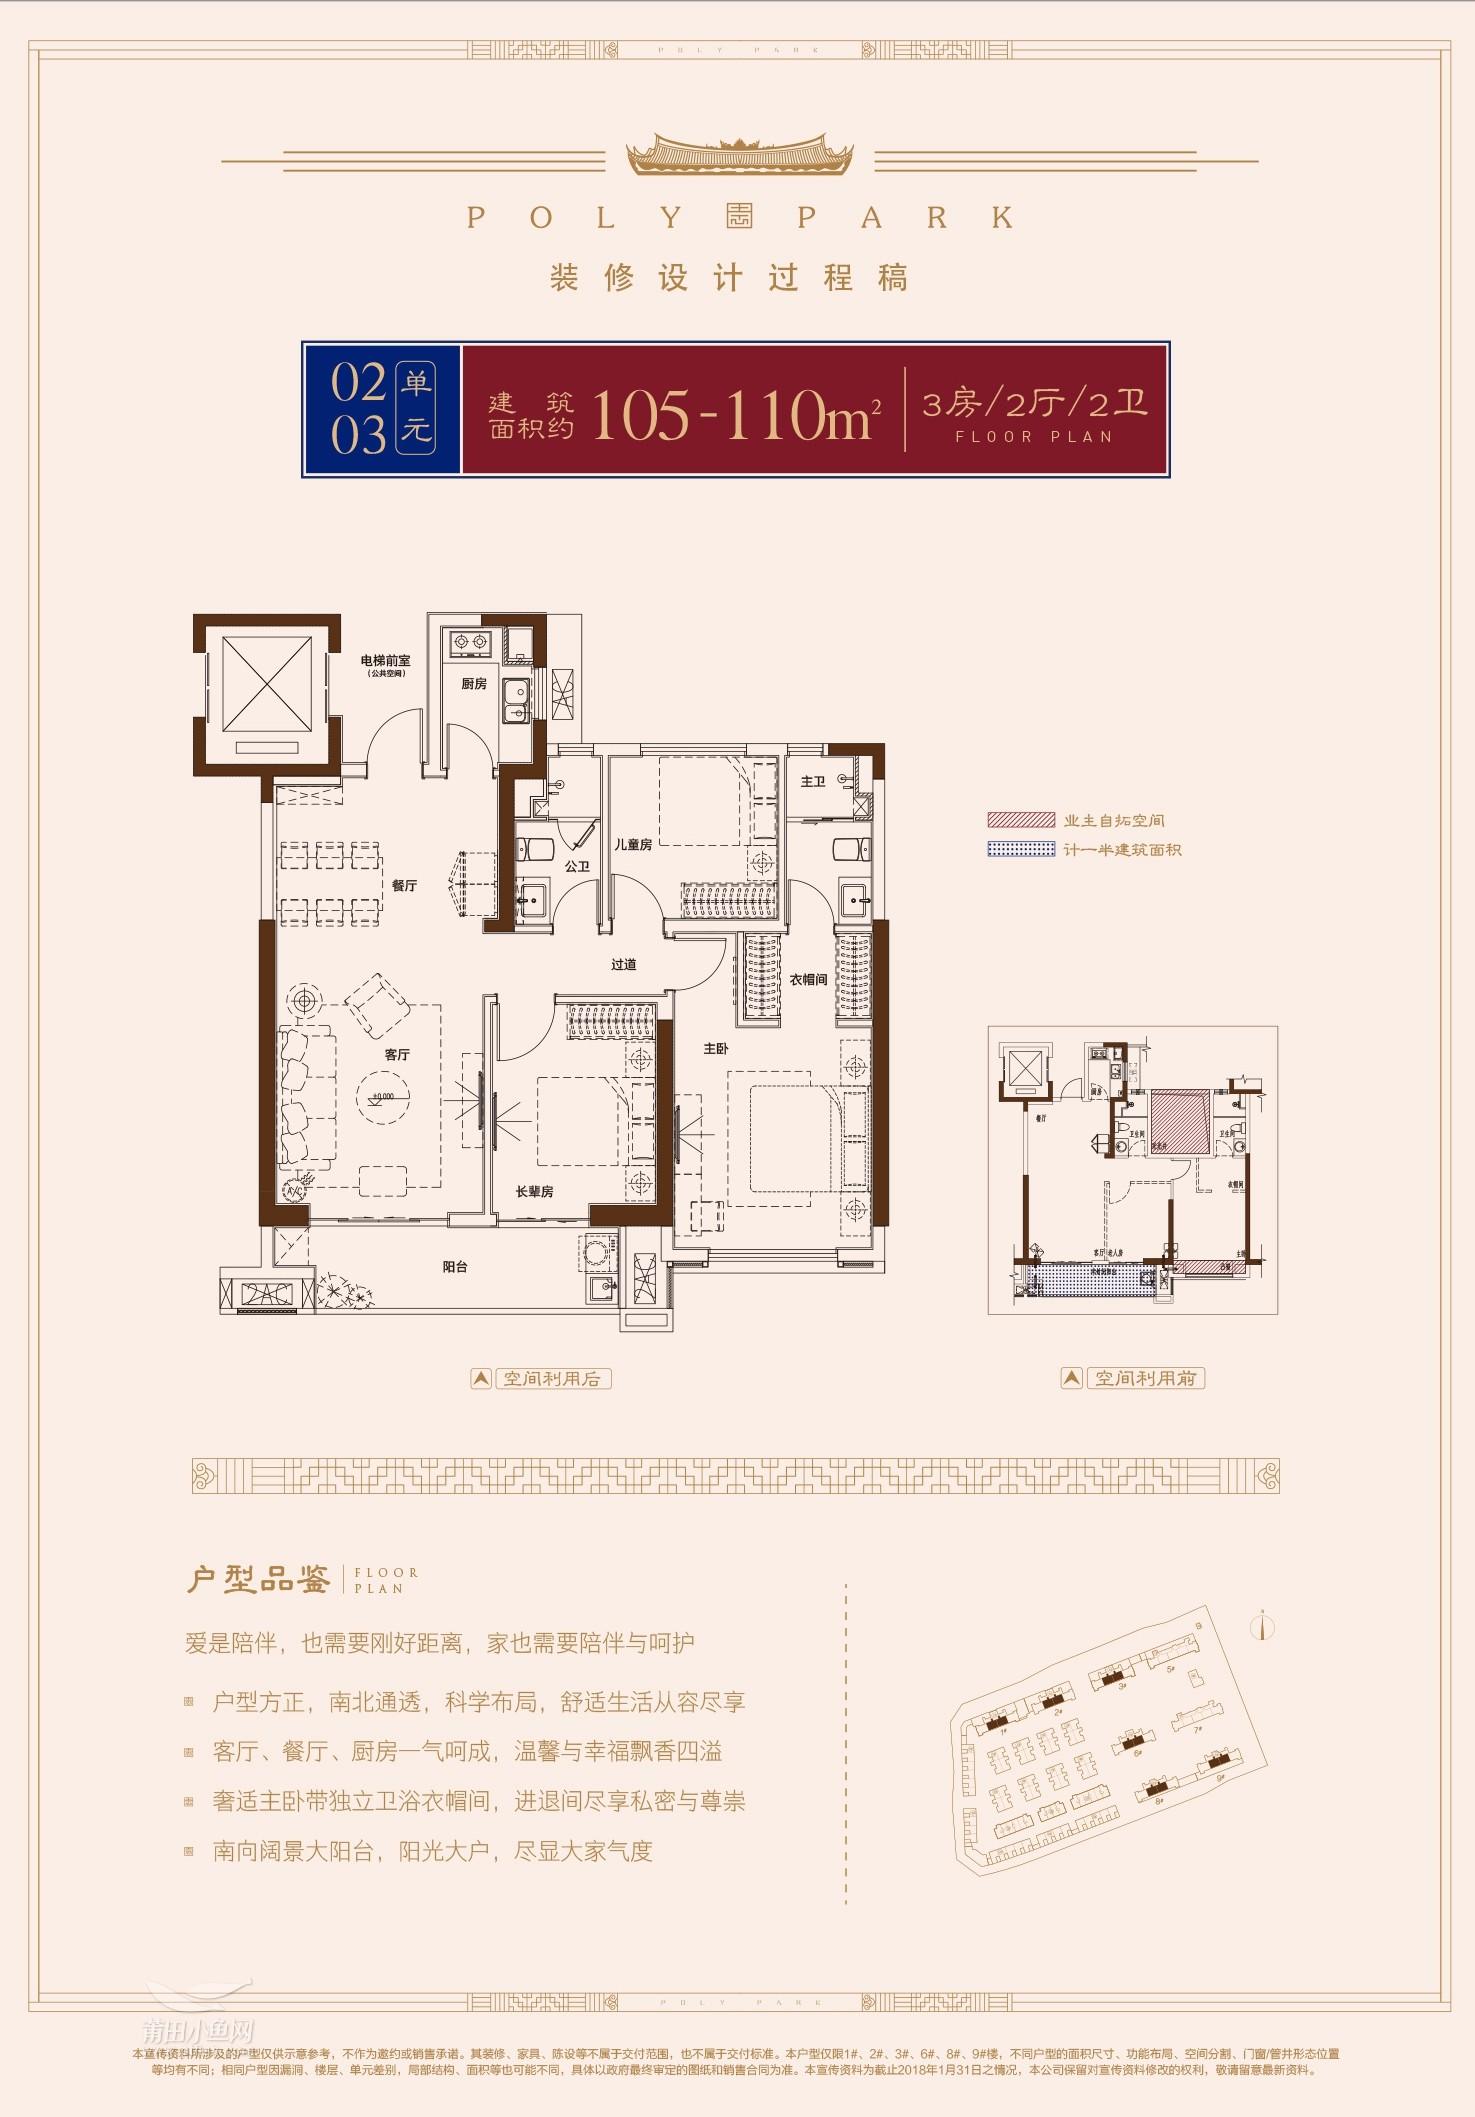 建面约105-110㎡(3房2厅2卫)